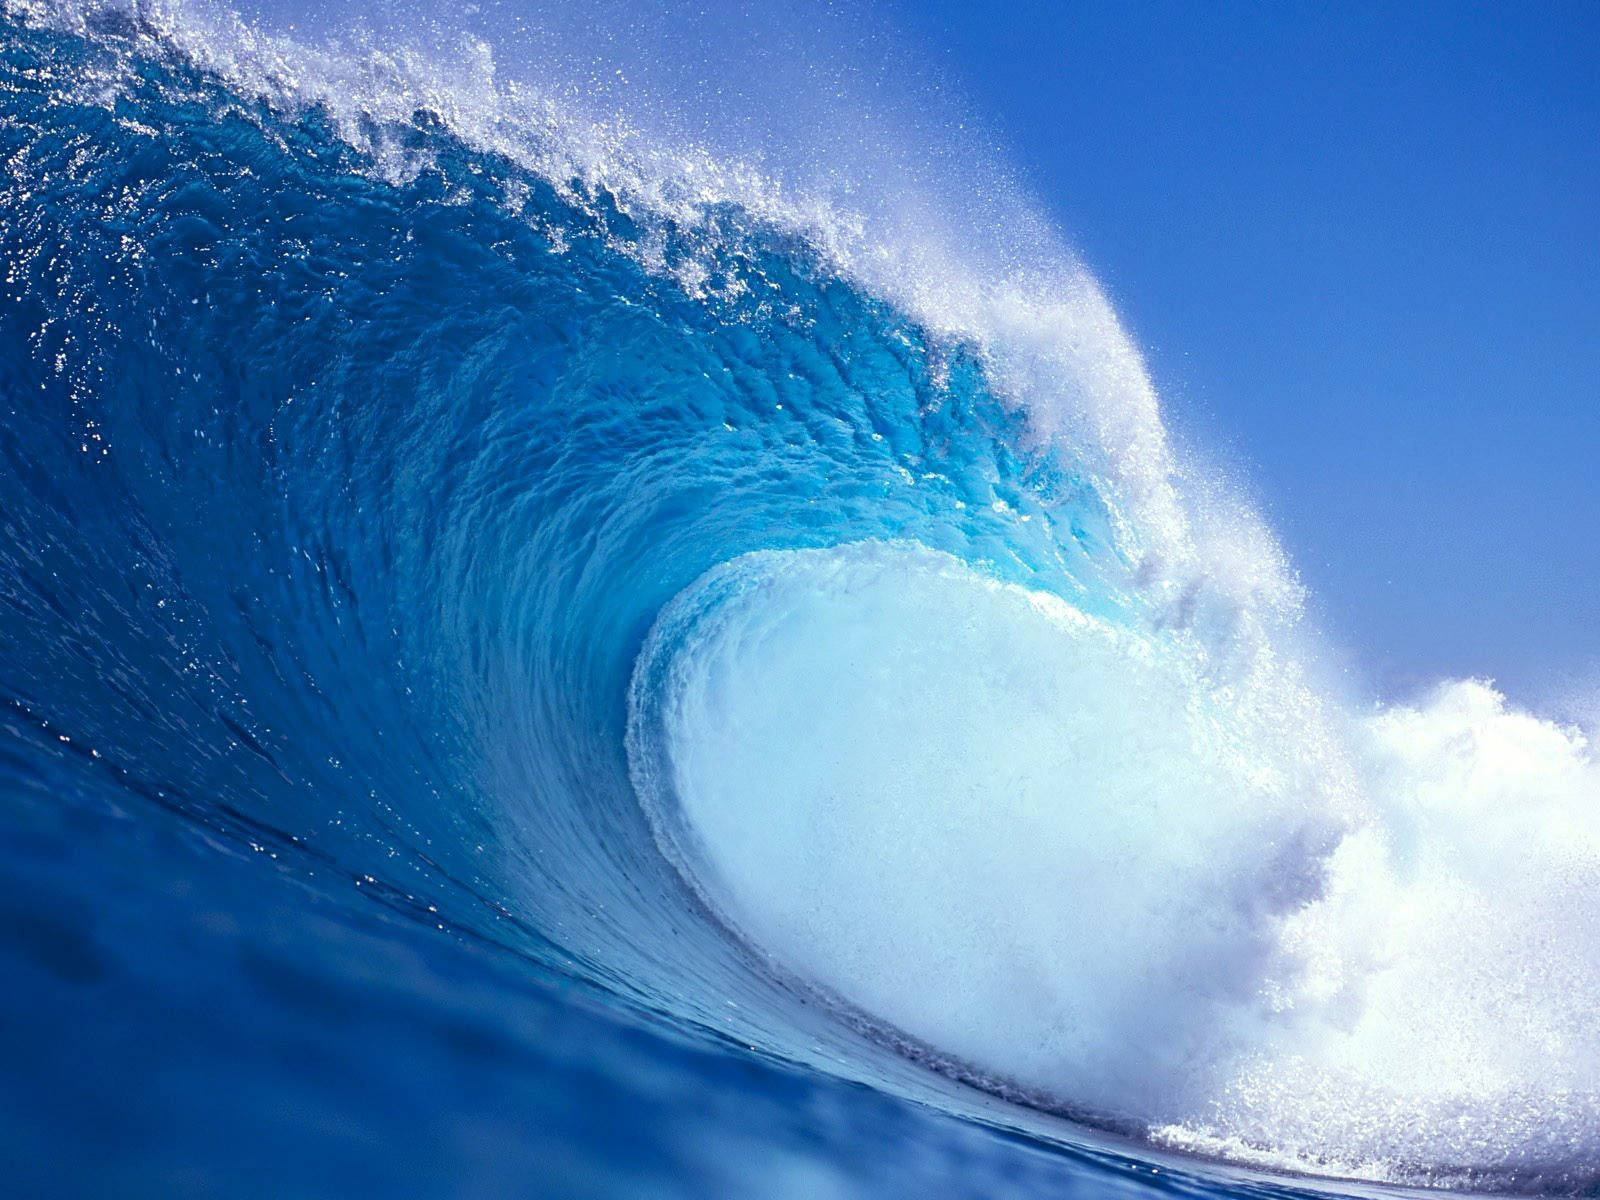 http://4.bp.blogspot.com/-G9_-gKUmP6Y/T4XJAf-s4MI/AAAAAAAABho/EnLOSUWzX7Y/s1600/big-wave-1-s79kzqkbwp-1600x1200.jpg